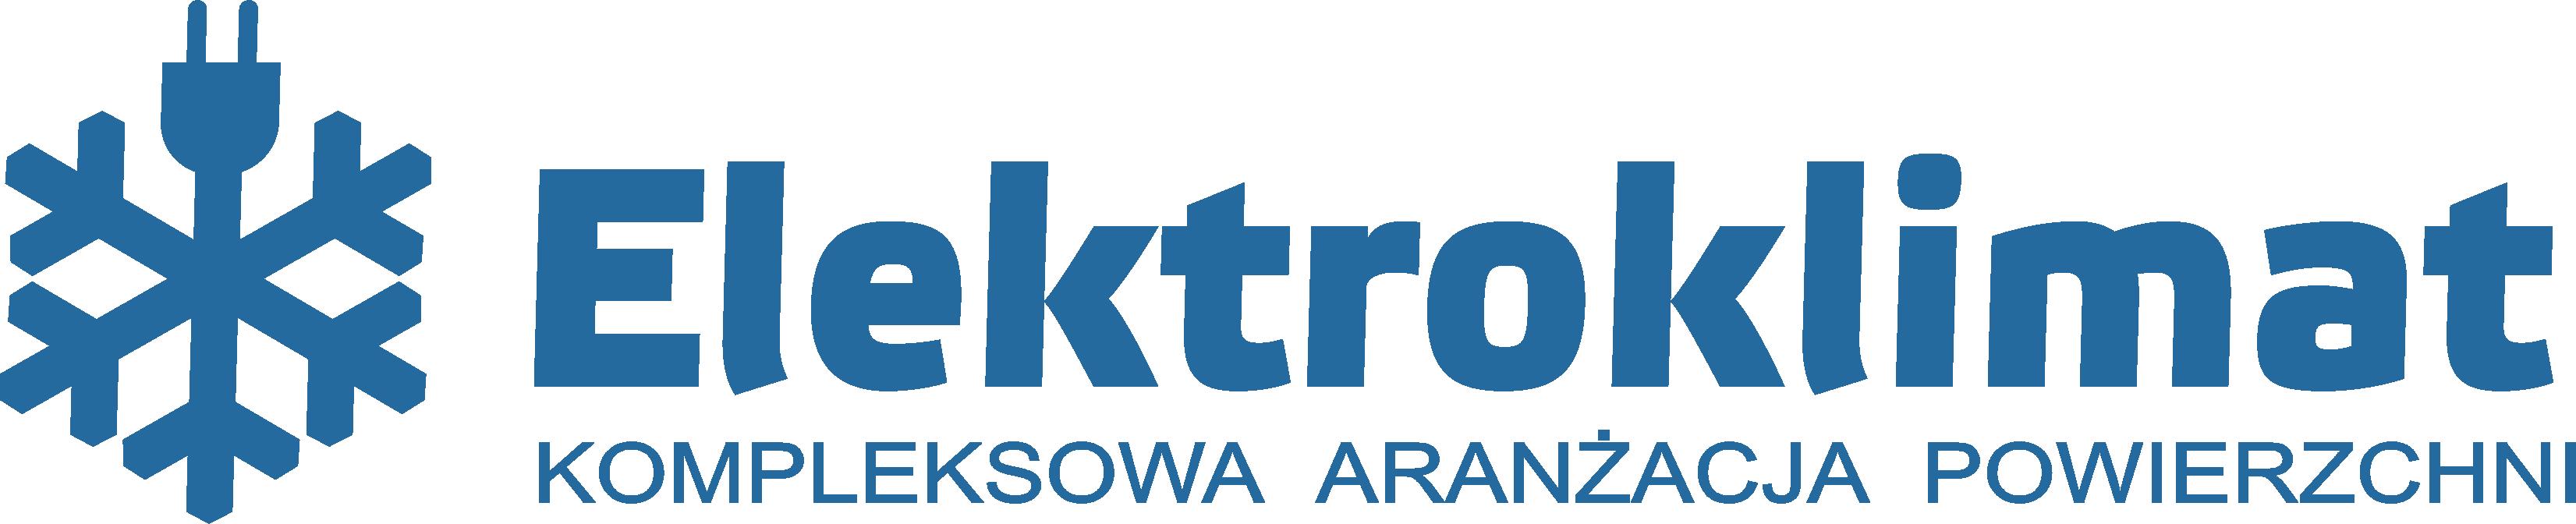 Elektroklimat - Serwis i montaż klimatyzacji Warszawa i okolice